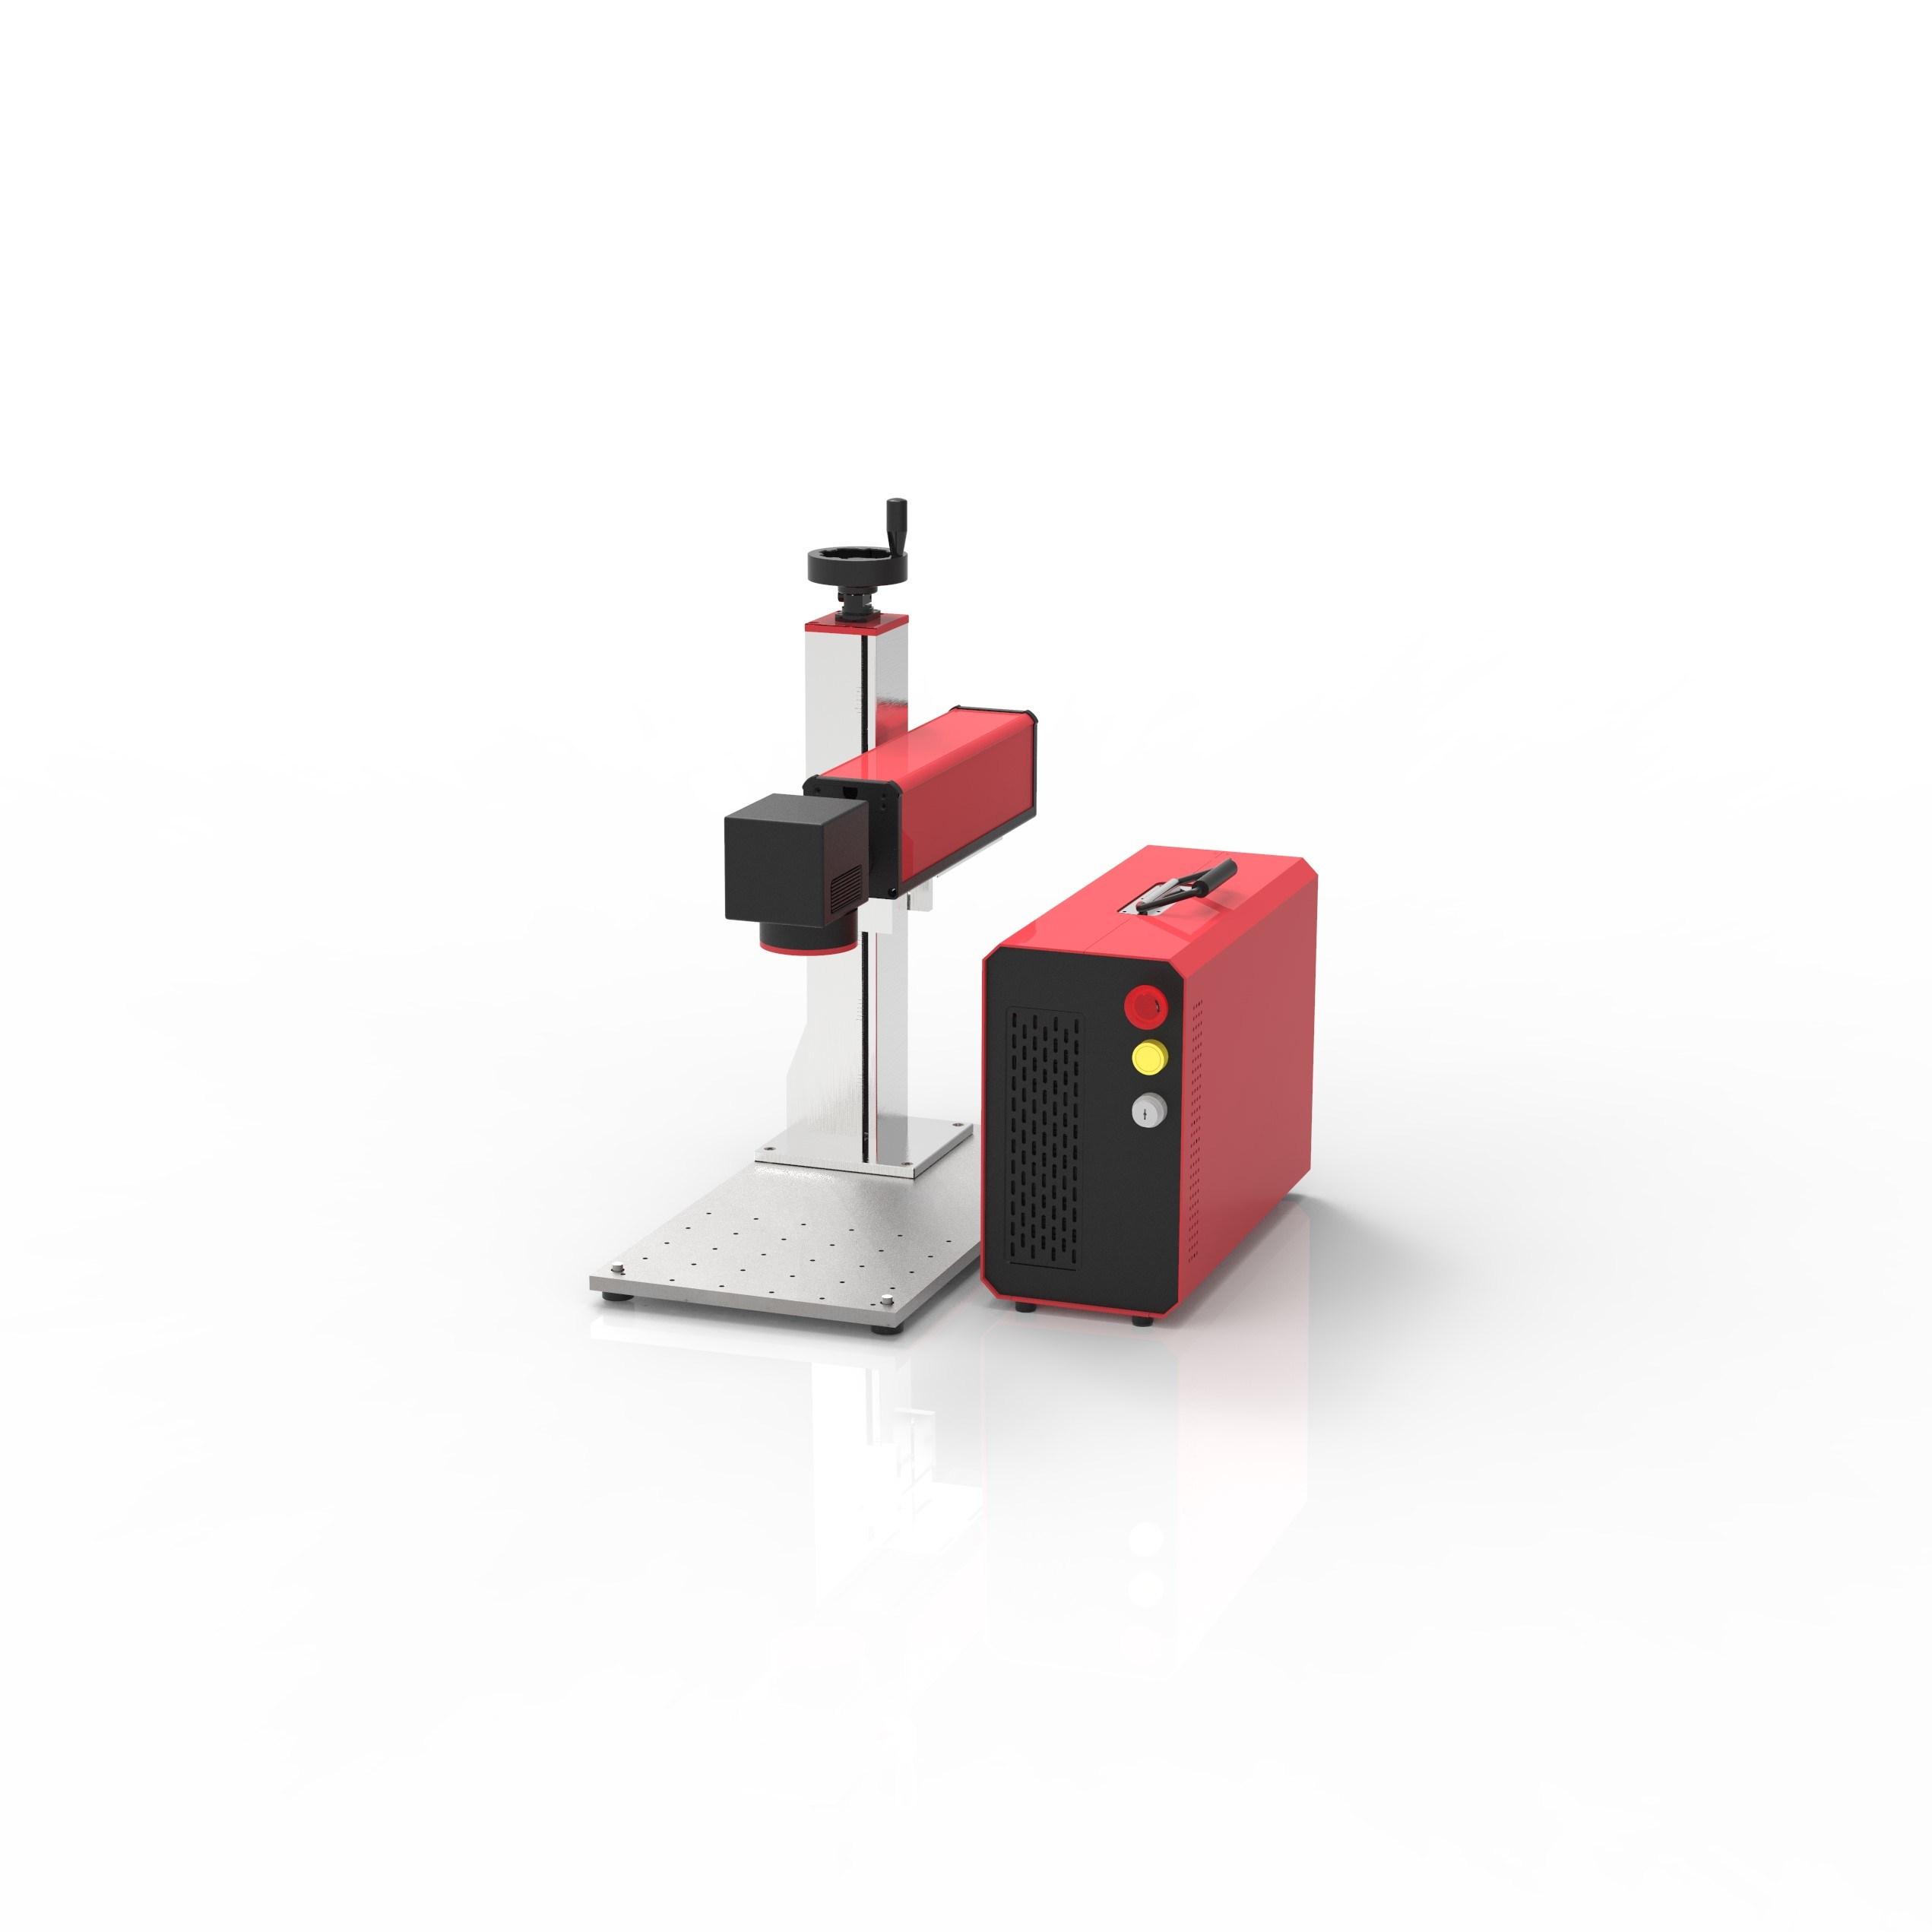 تصميم جديد الألوان Mopa من الألياف الليزر آلة نحت للبيع جهاز تمييز الليزر من الألياف بقوة 30 واط من Mopa